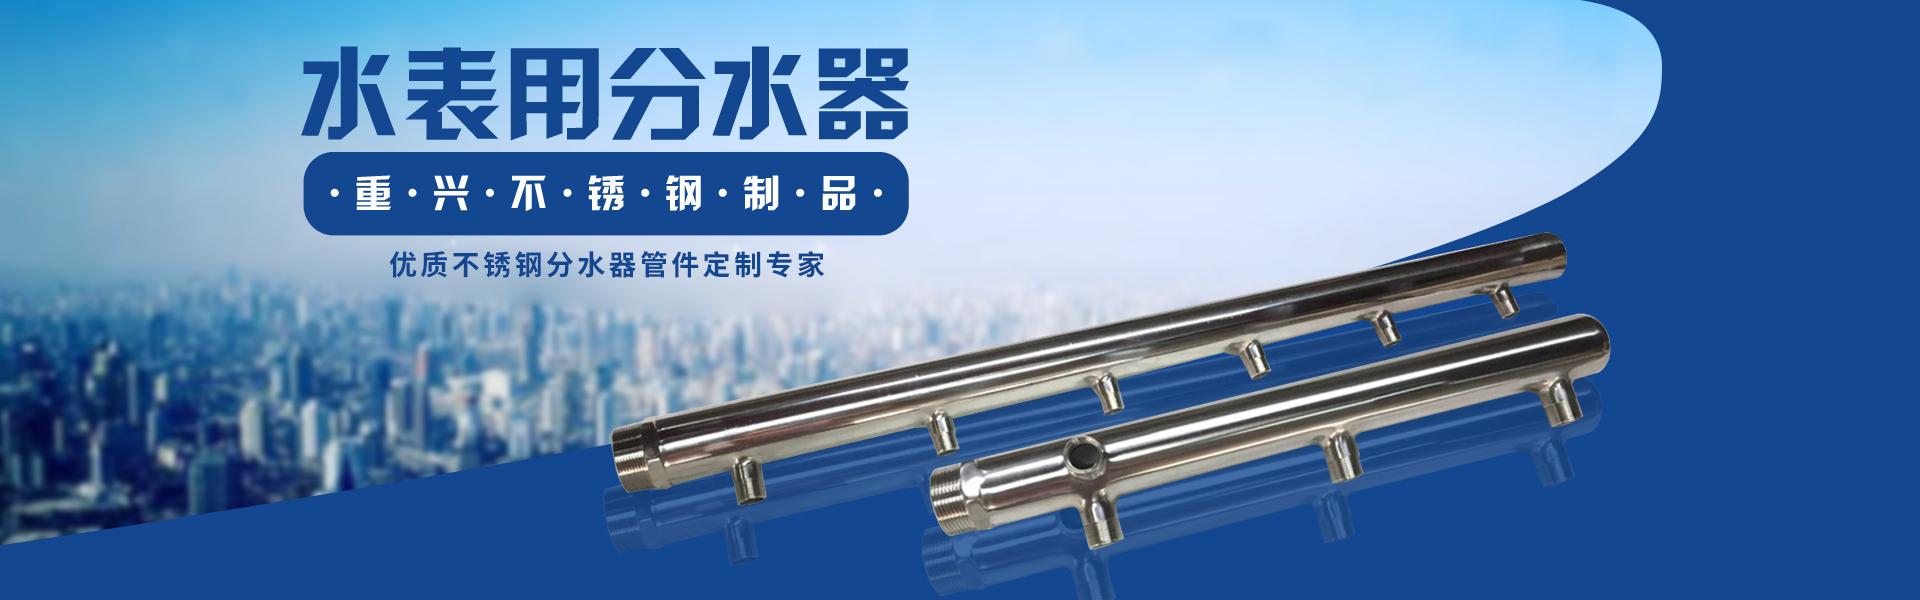 重兴不锈钢制品有限企业专业生产不锈钢分水器,是一家优质无菌不锈钢薄壁卫生管件、阀门生产厂家。